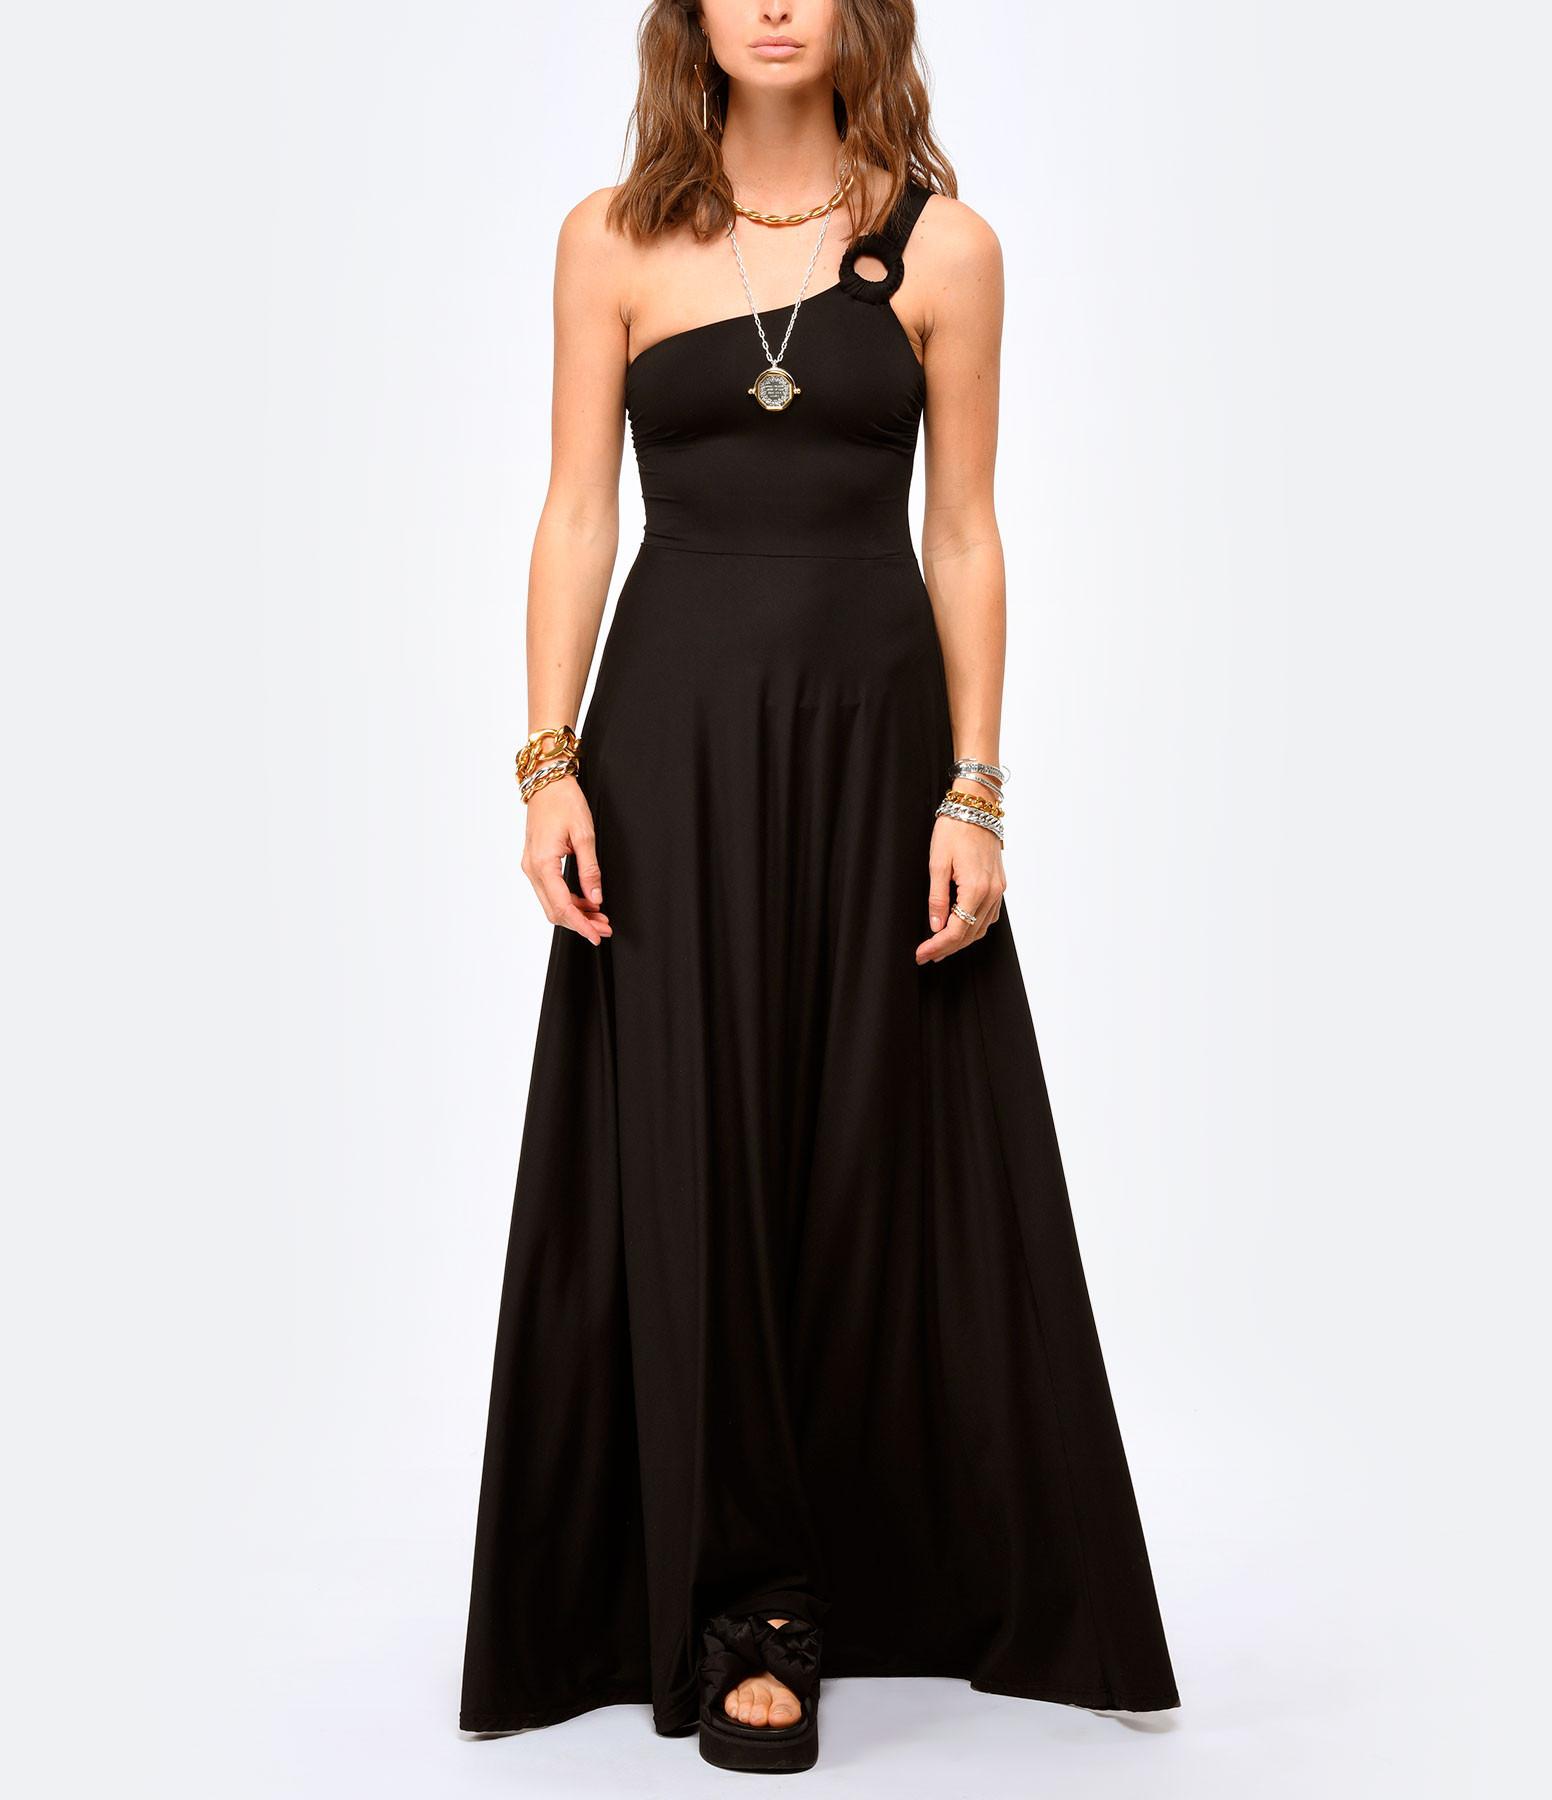 CALARENA - Robe Traversée Noir, Collection Escapade d'Été